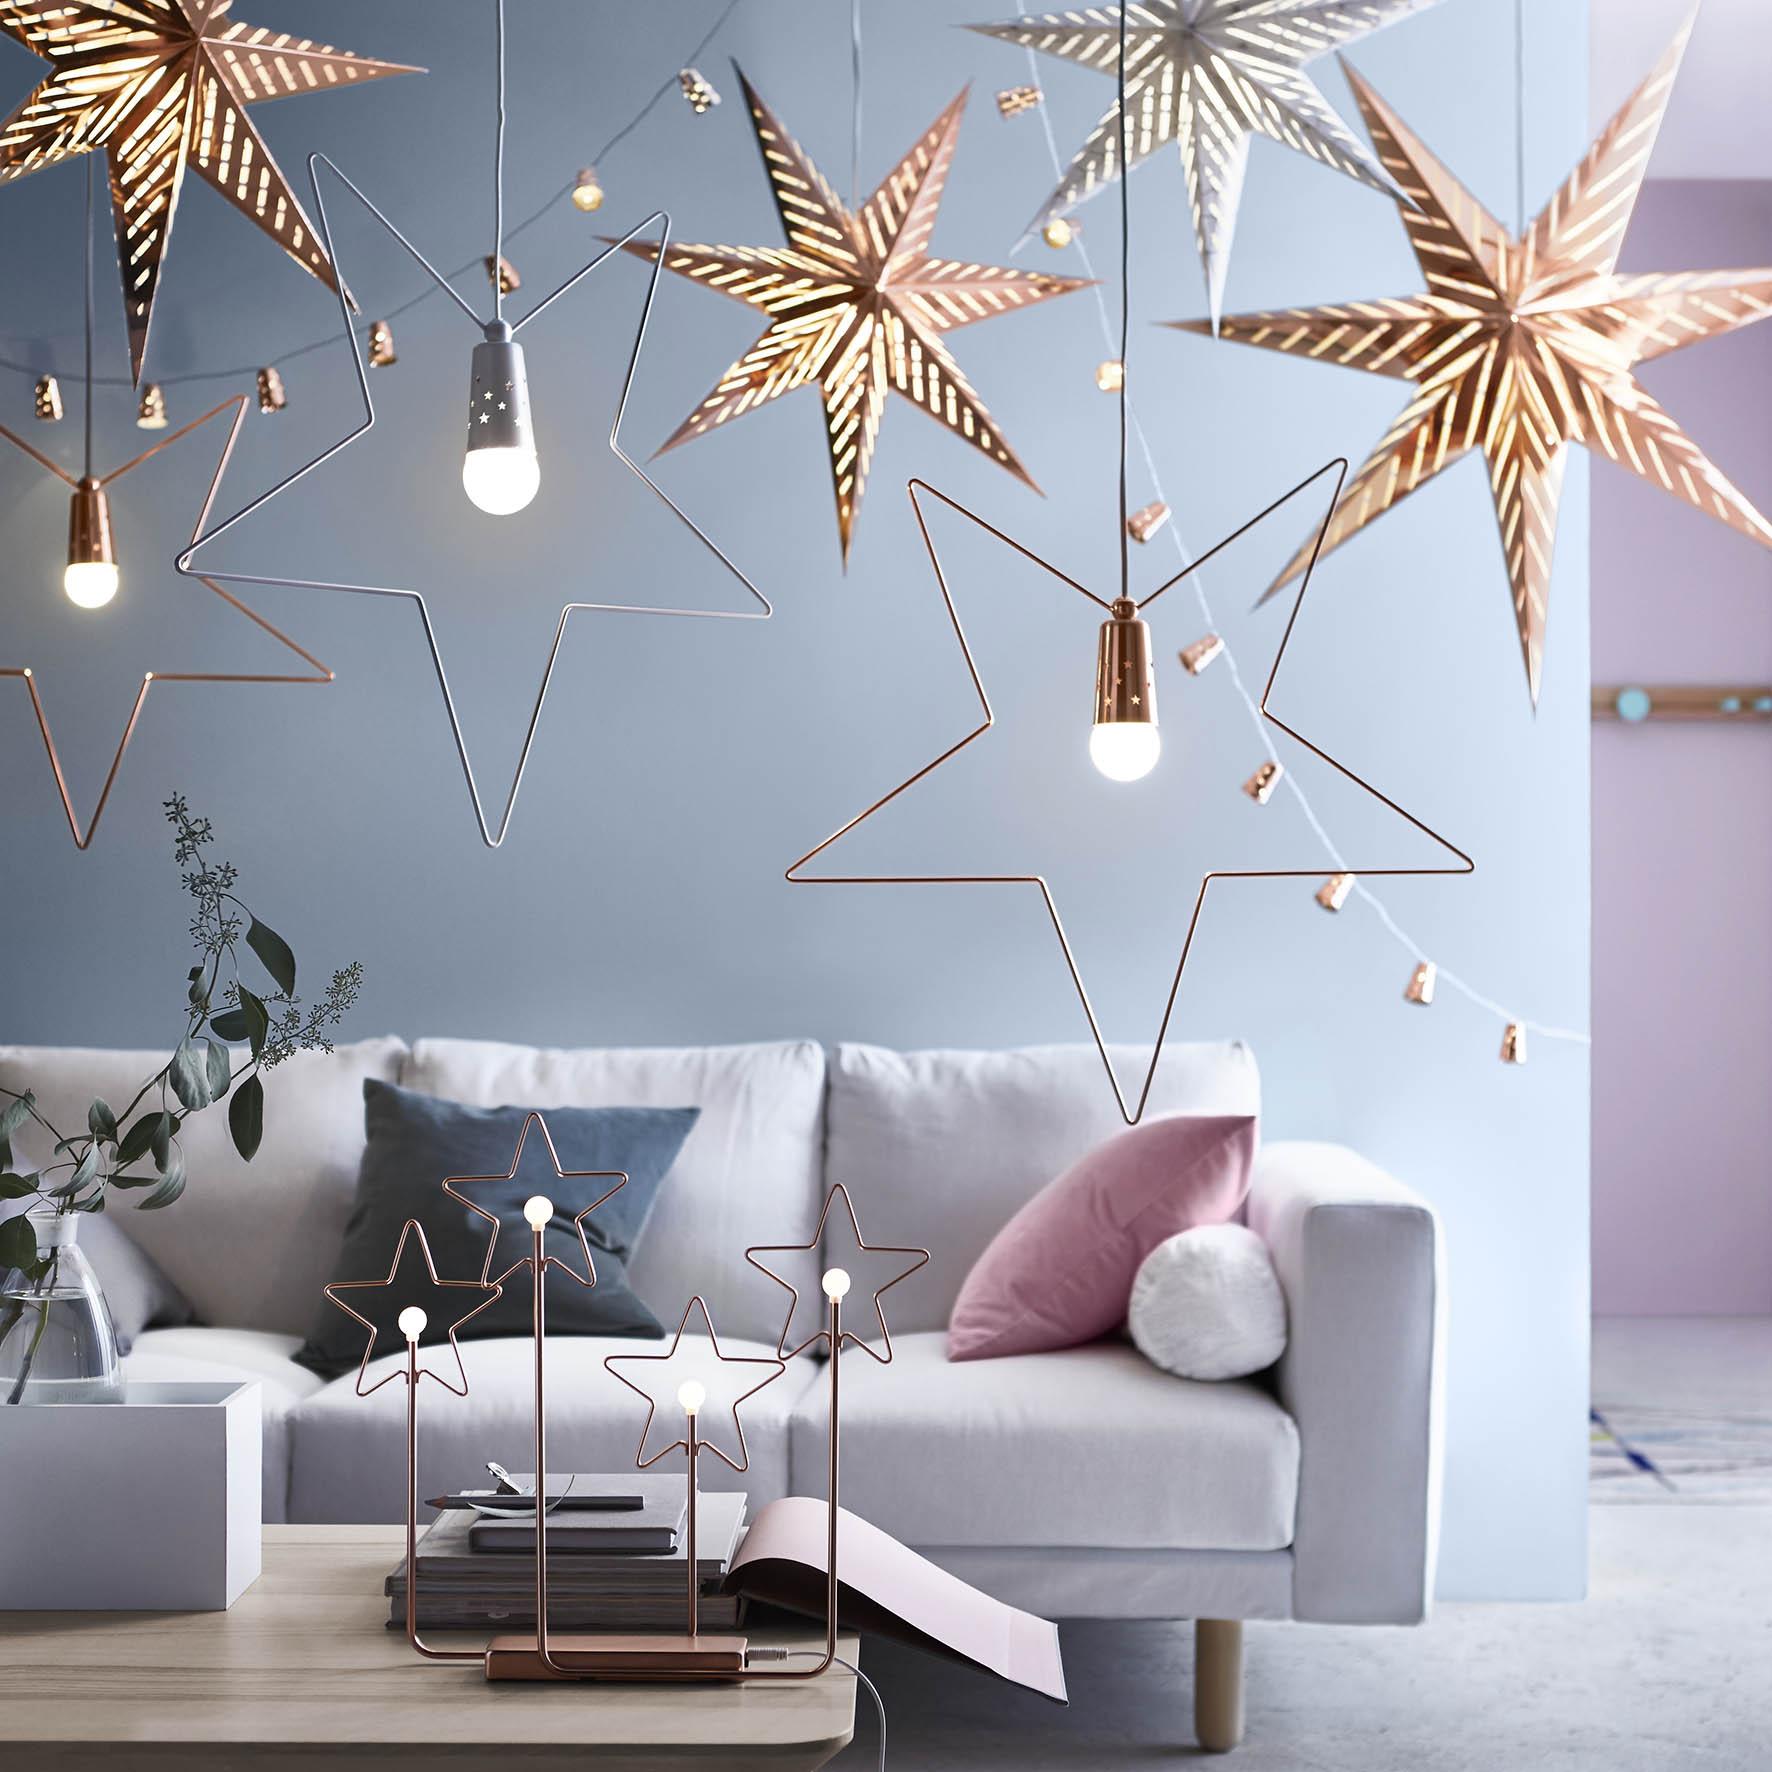 Sfeervolle accessoires voor de kerst van ikea nieuws startpagina voor interieur en wonen - Versier het huis ...